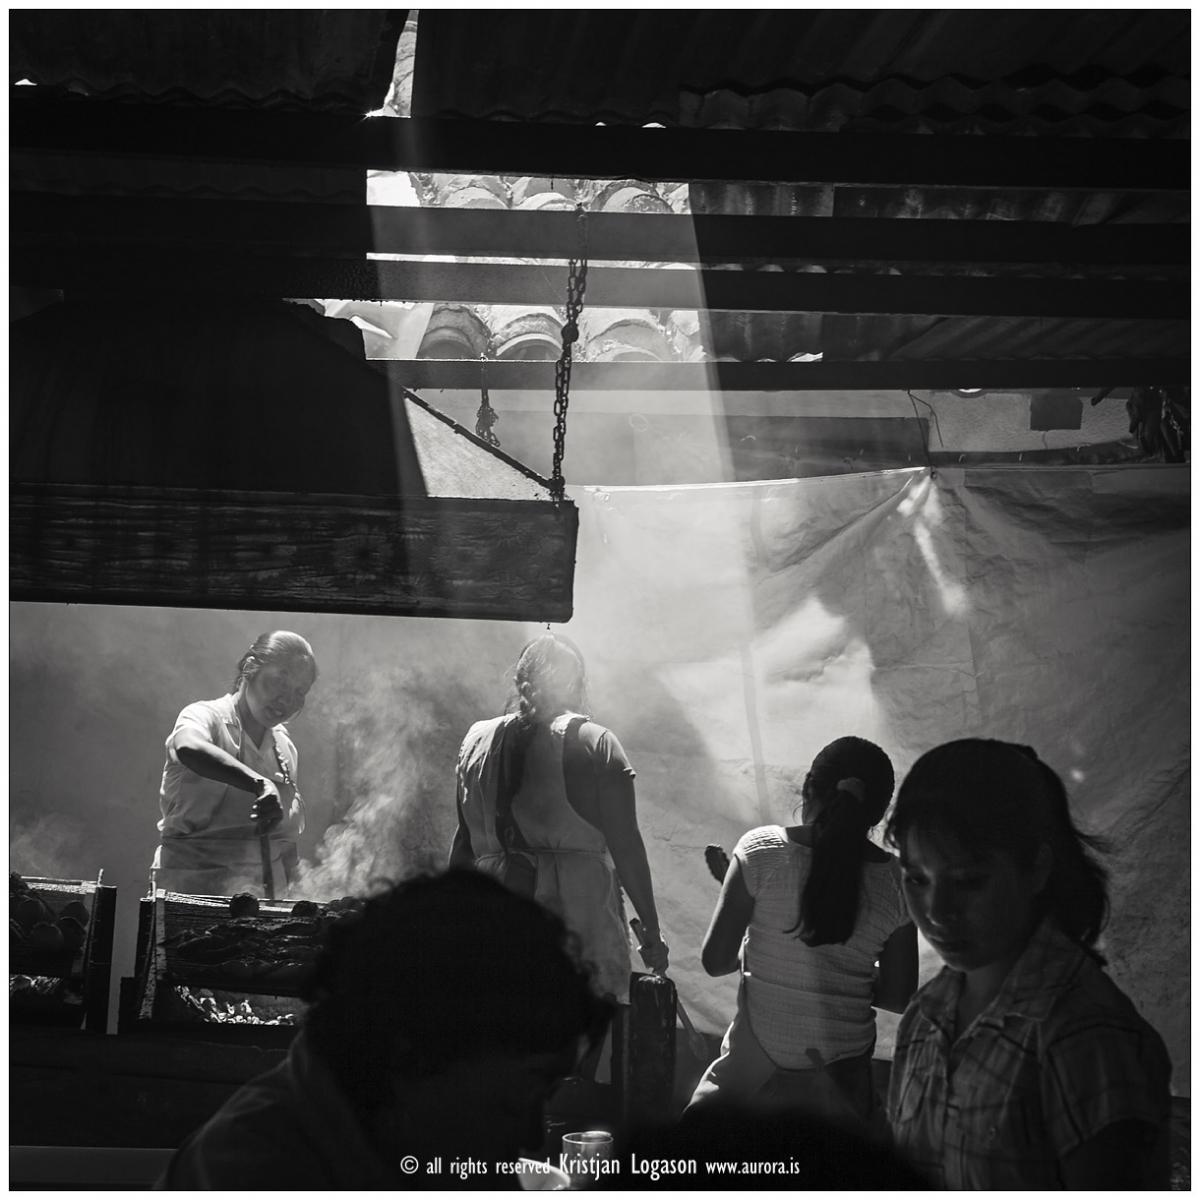 Women working in a smokey restaurant